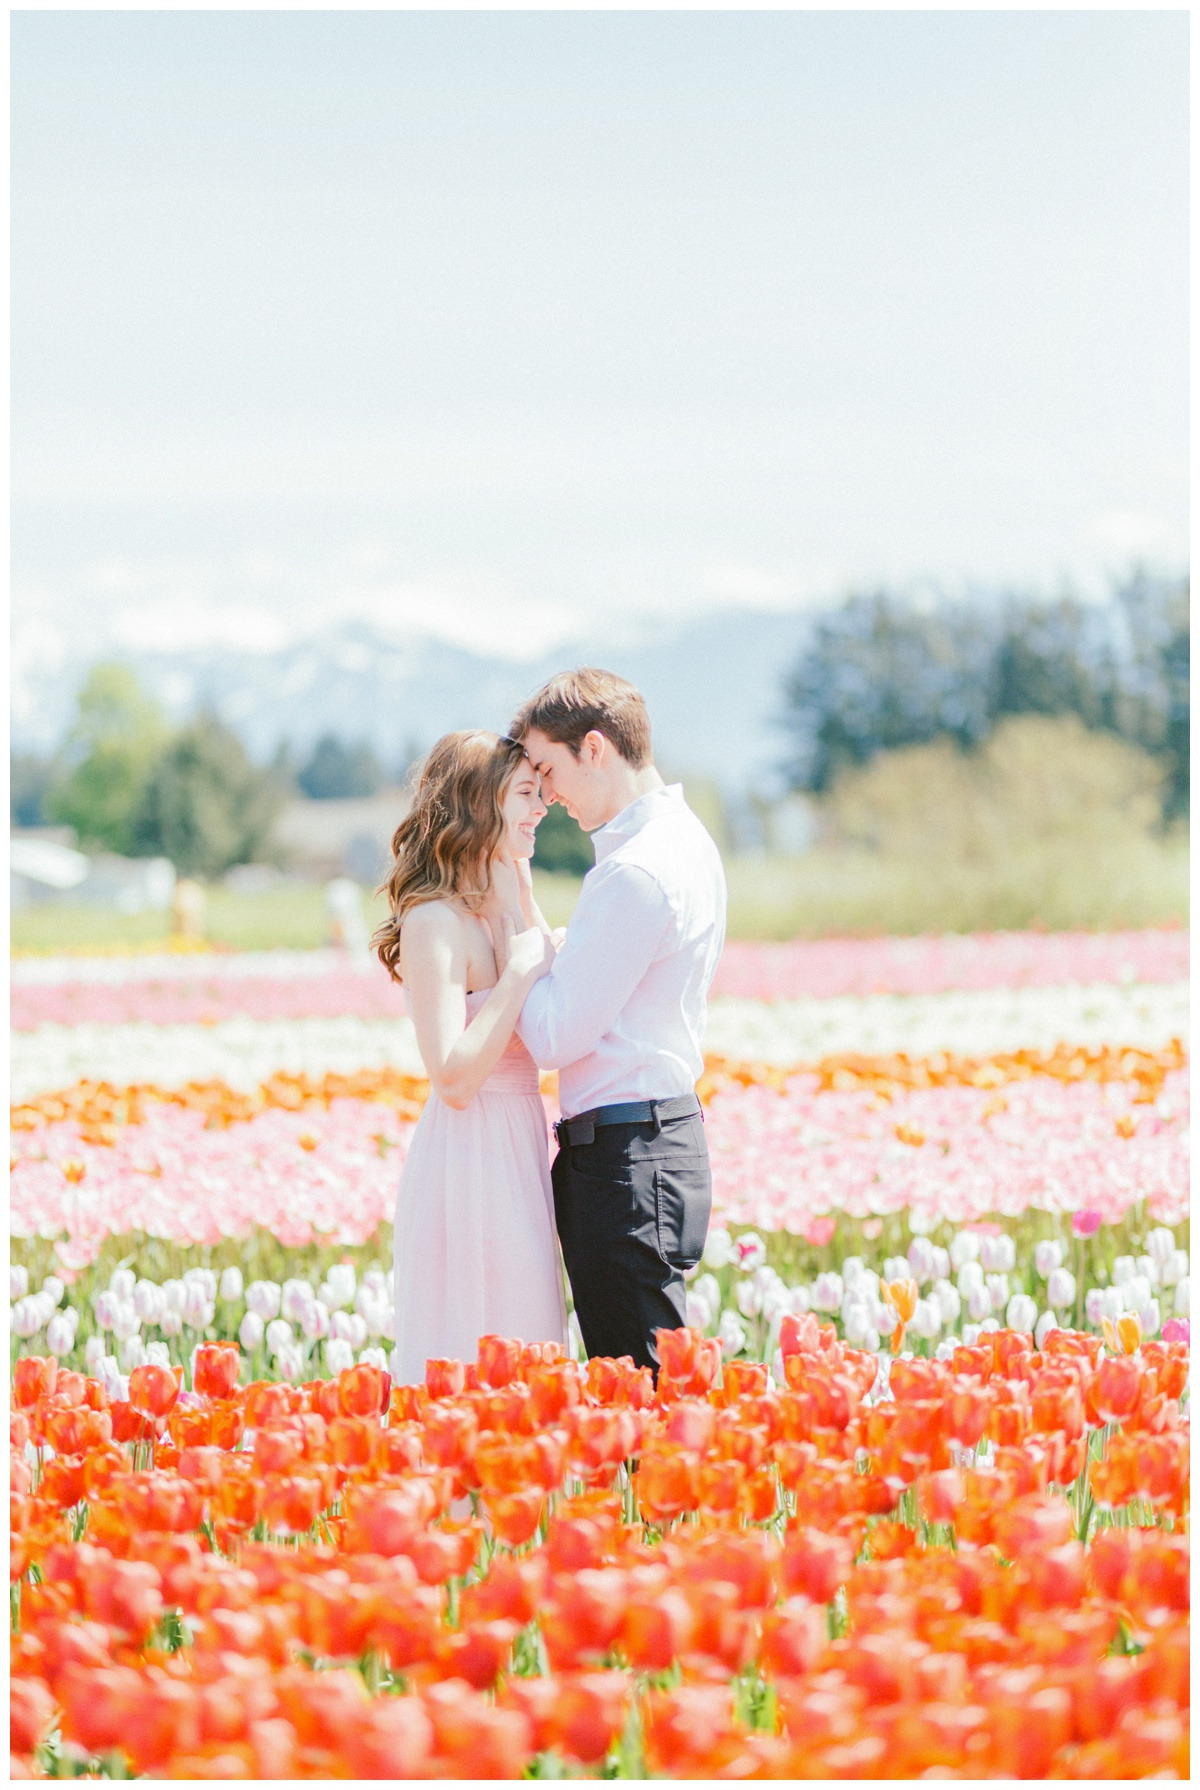 Mattie C. Hong Kong Vancouver Fine Art Wedding Prewedding Photographer 10.jpg